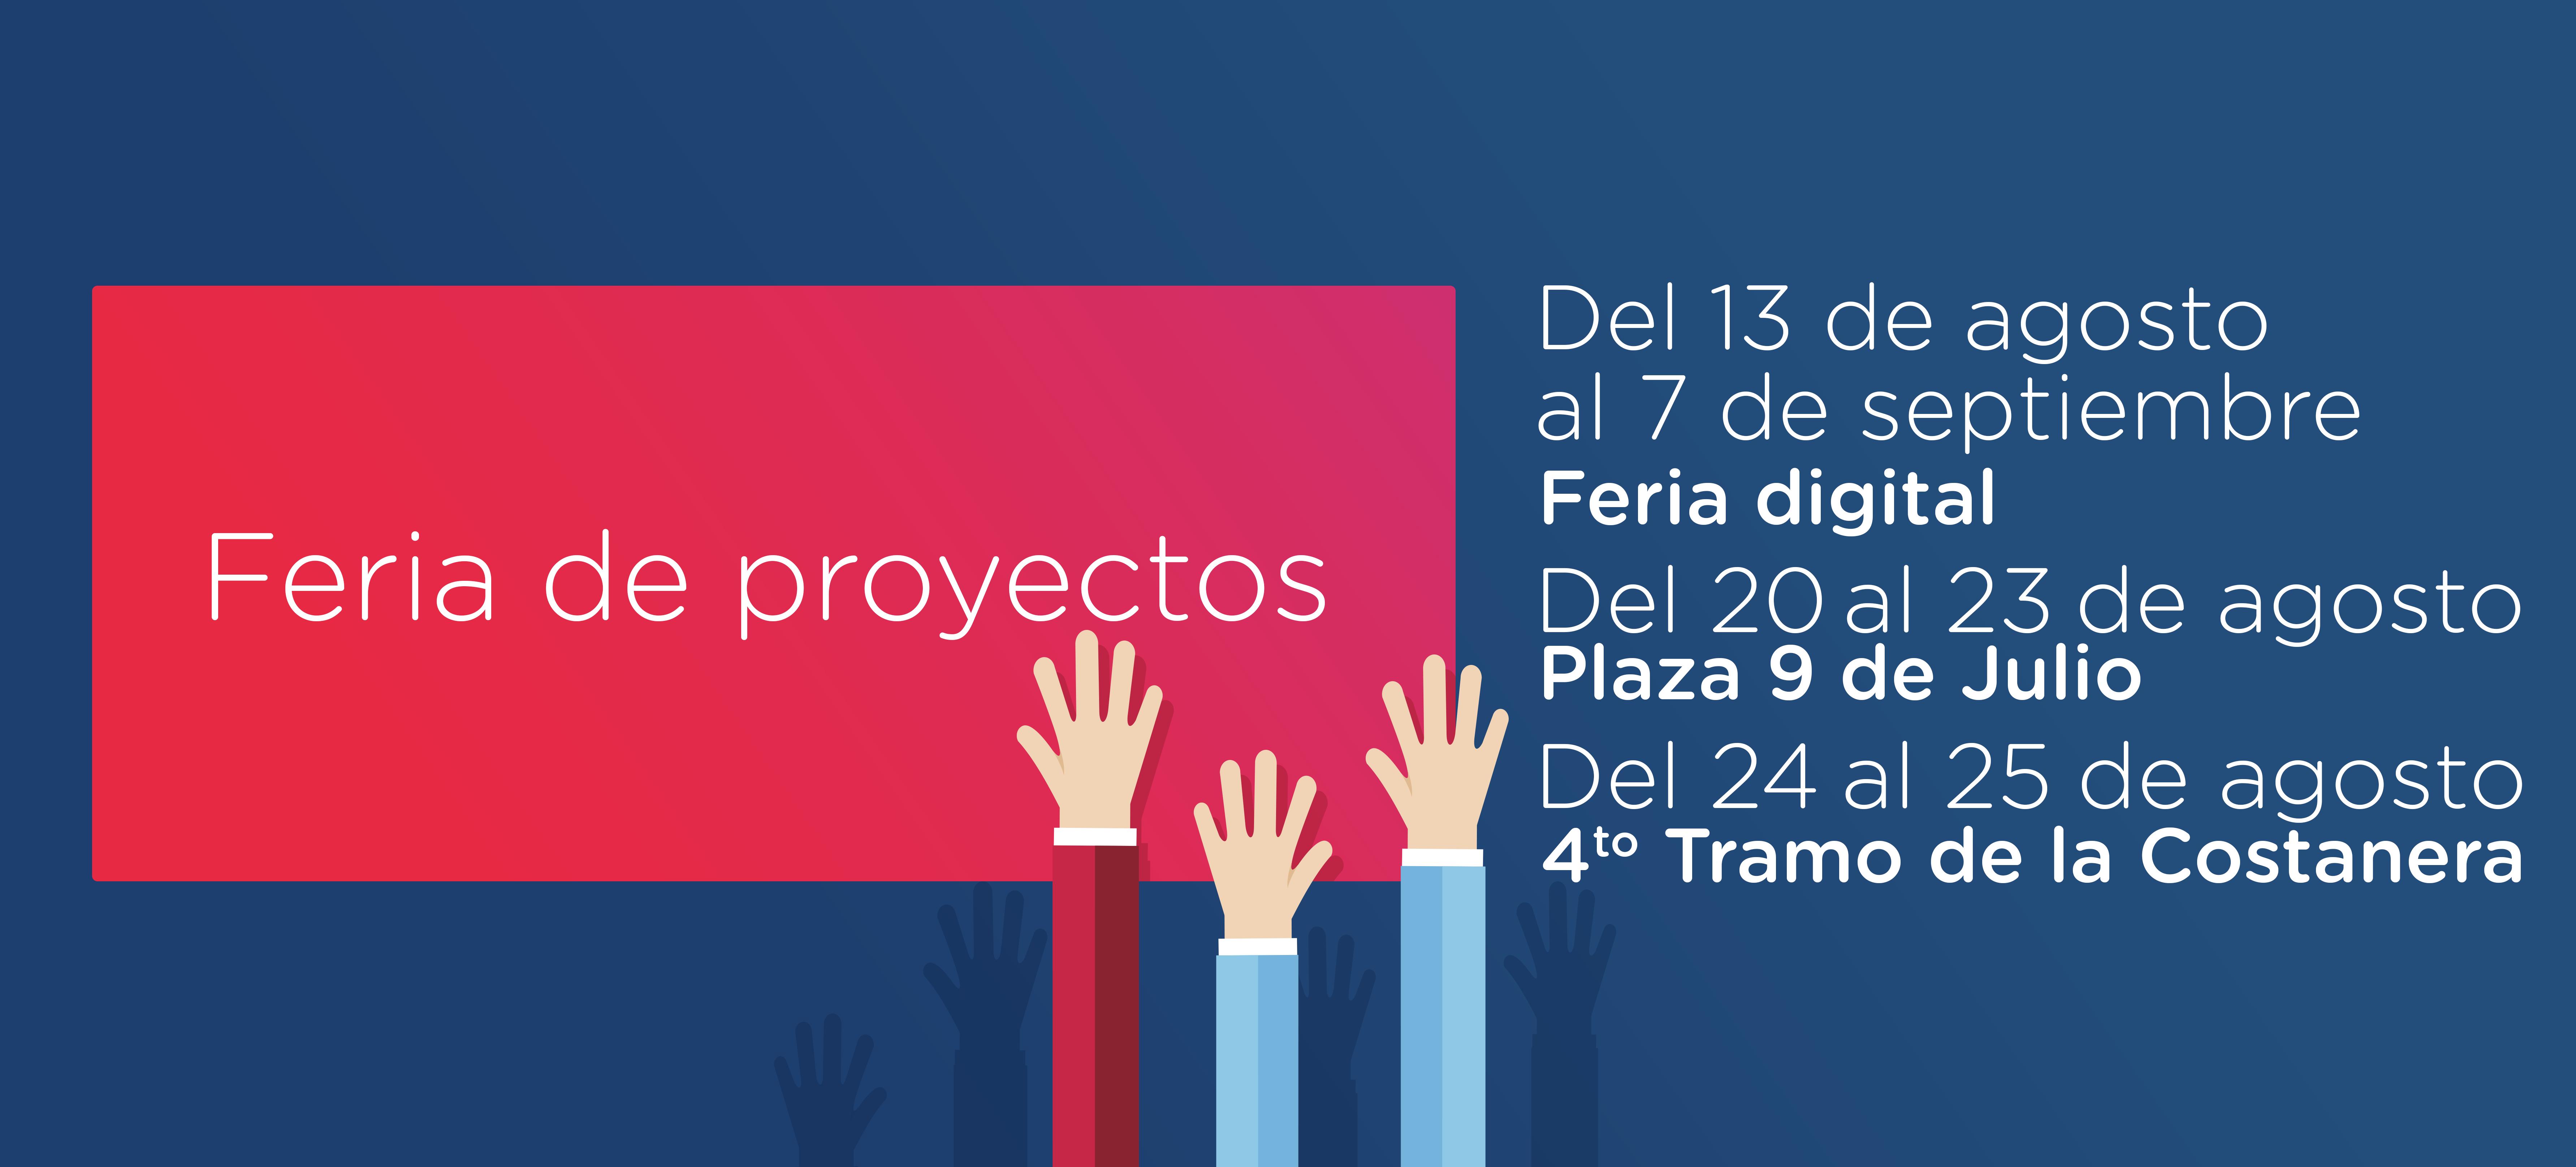 Feria de proyectos 01 slide